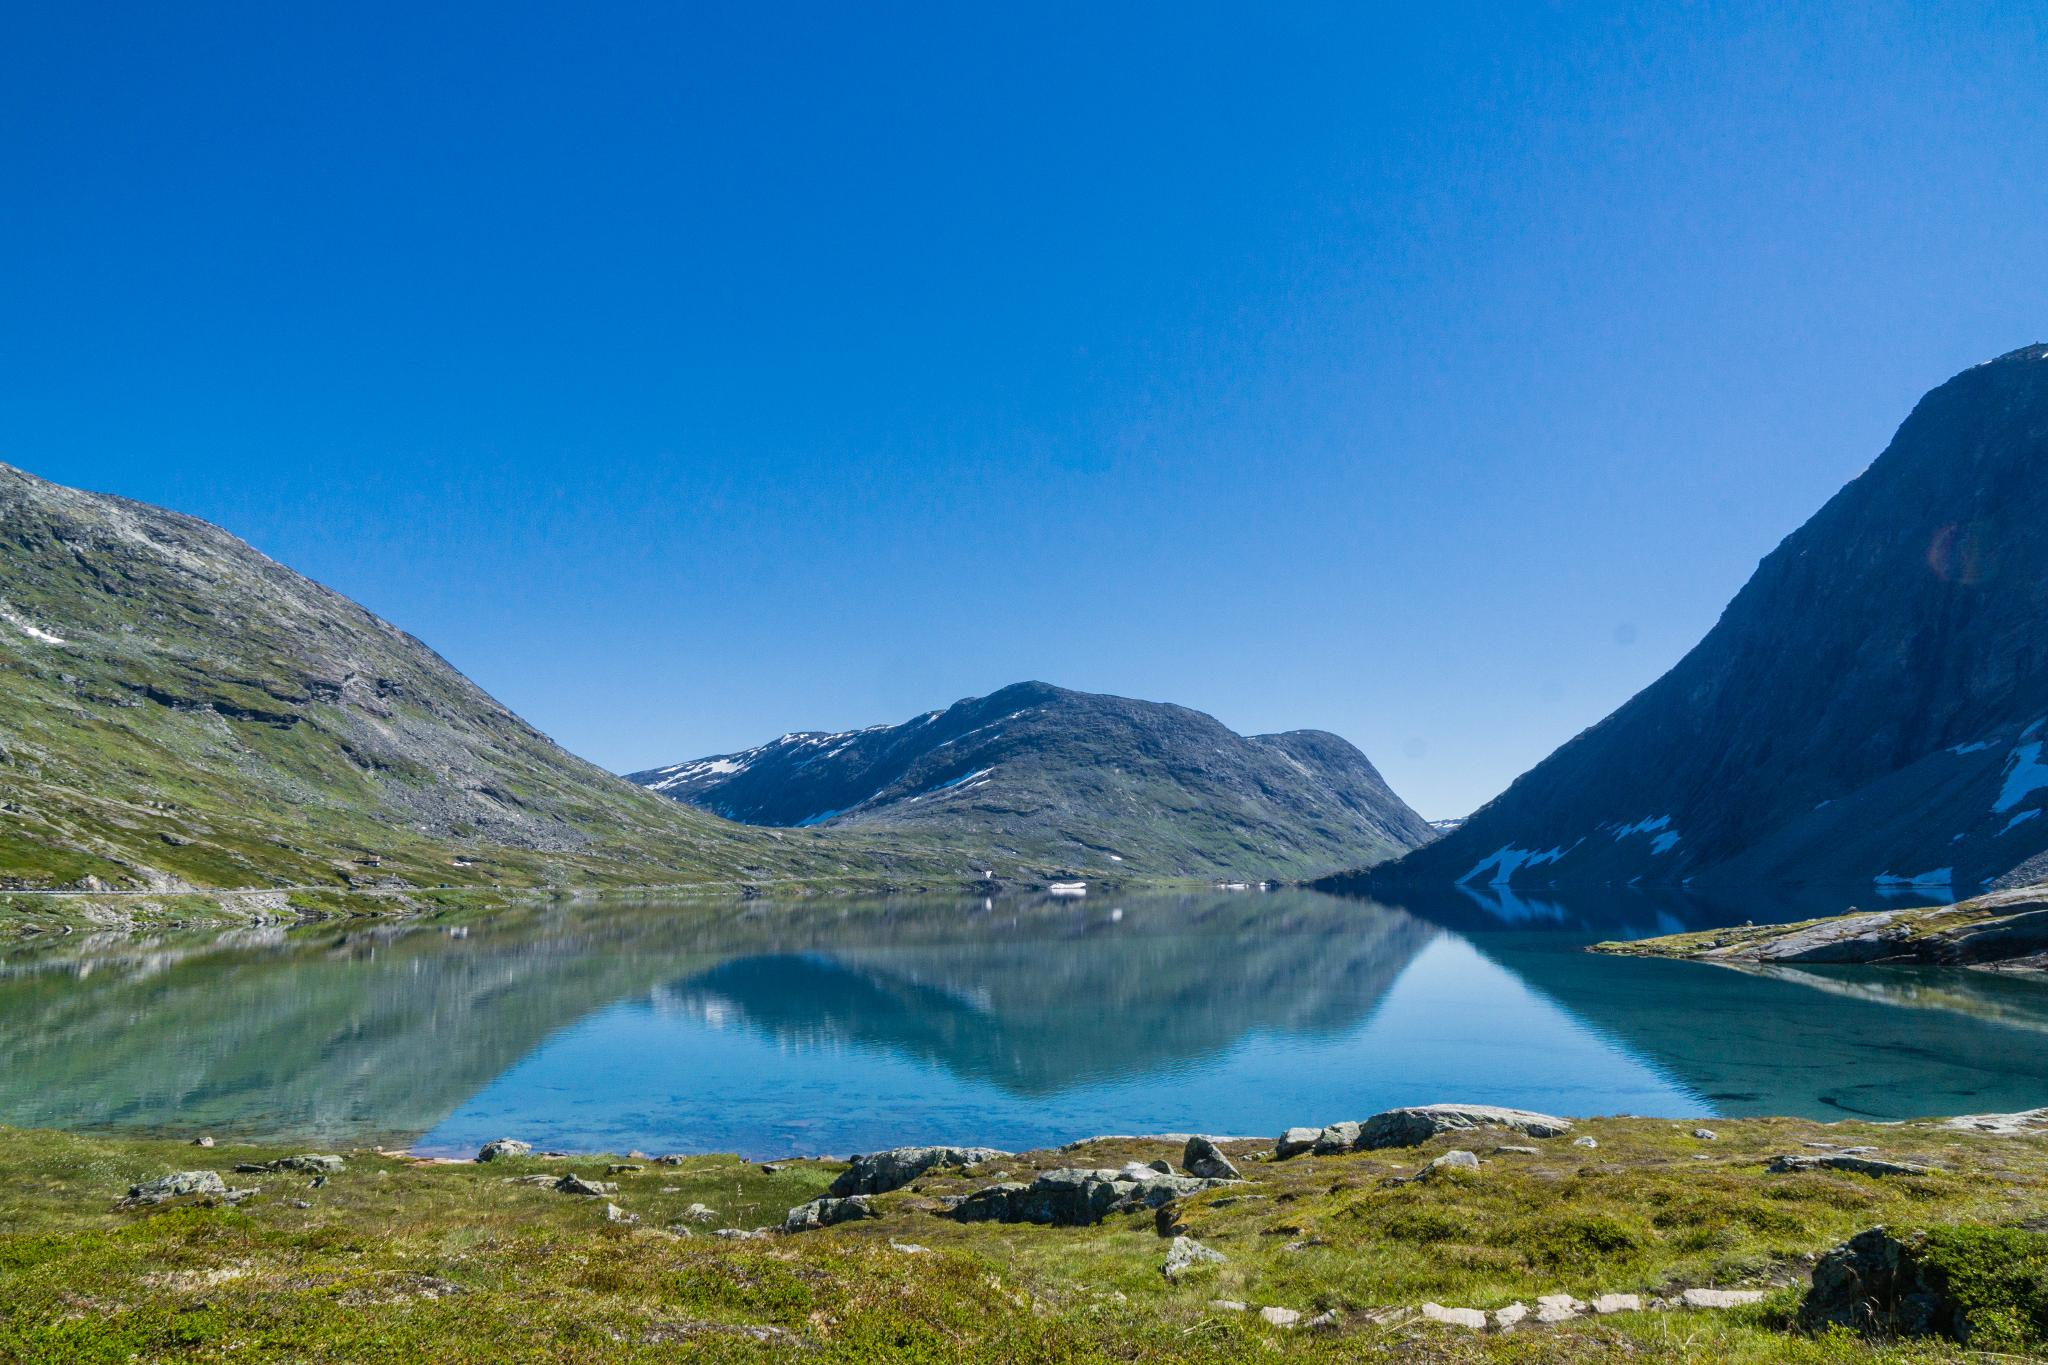 【北歐景點】歐洲最震撼的峽灣觀景台 — Dalsnibba Mountain Plateau 7